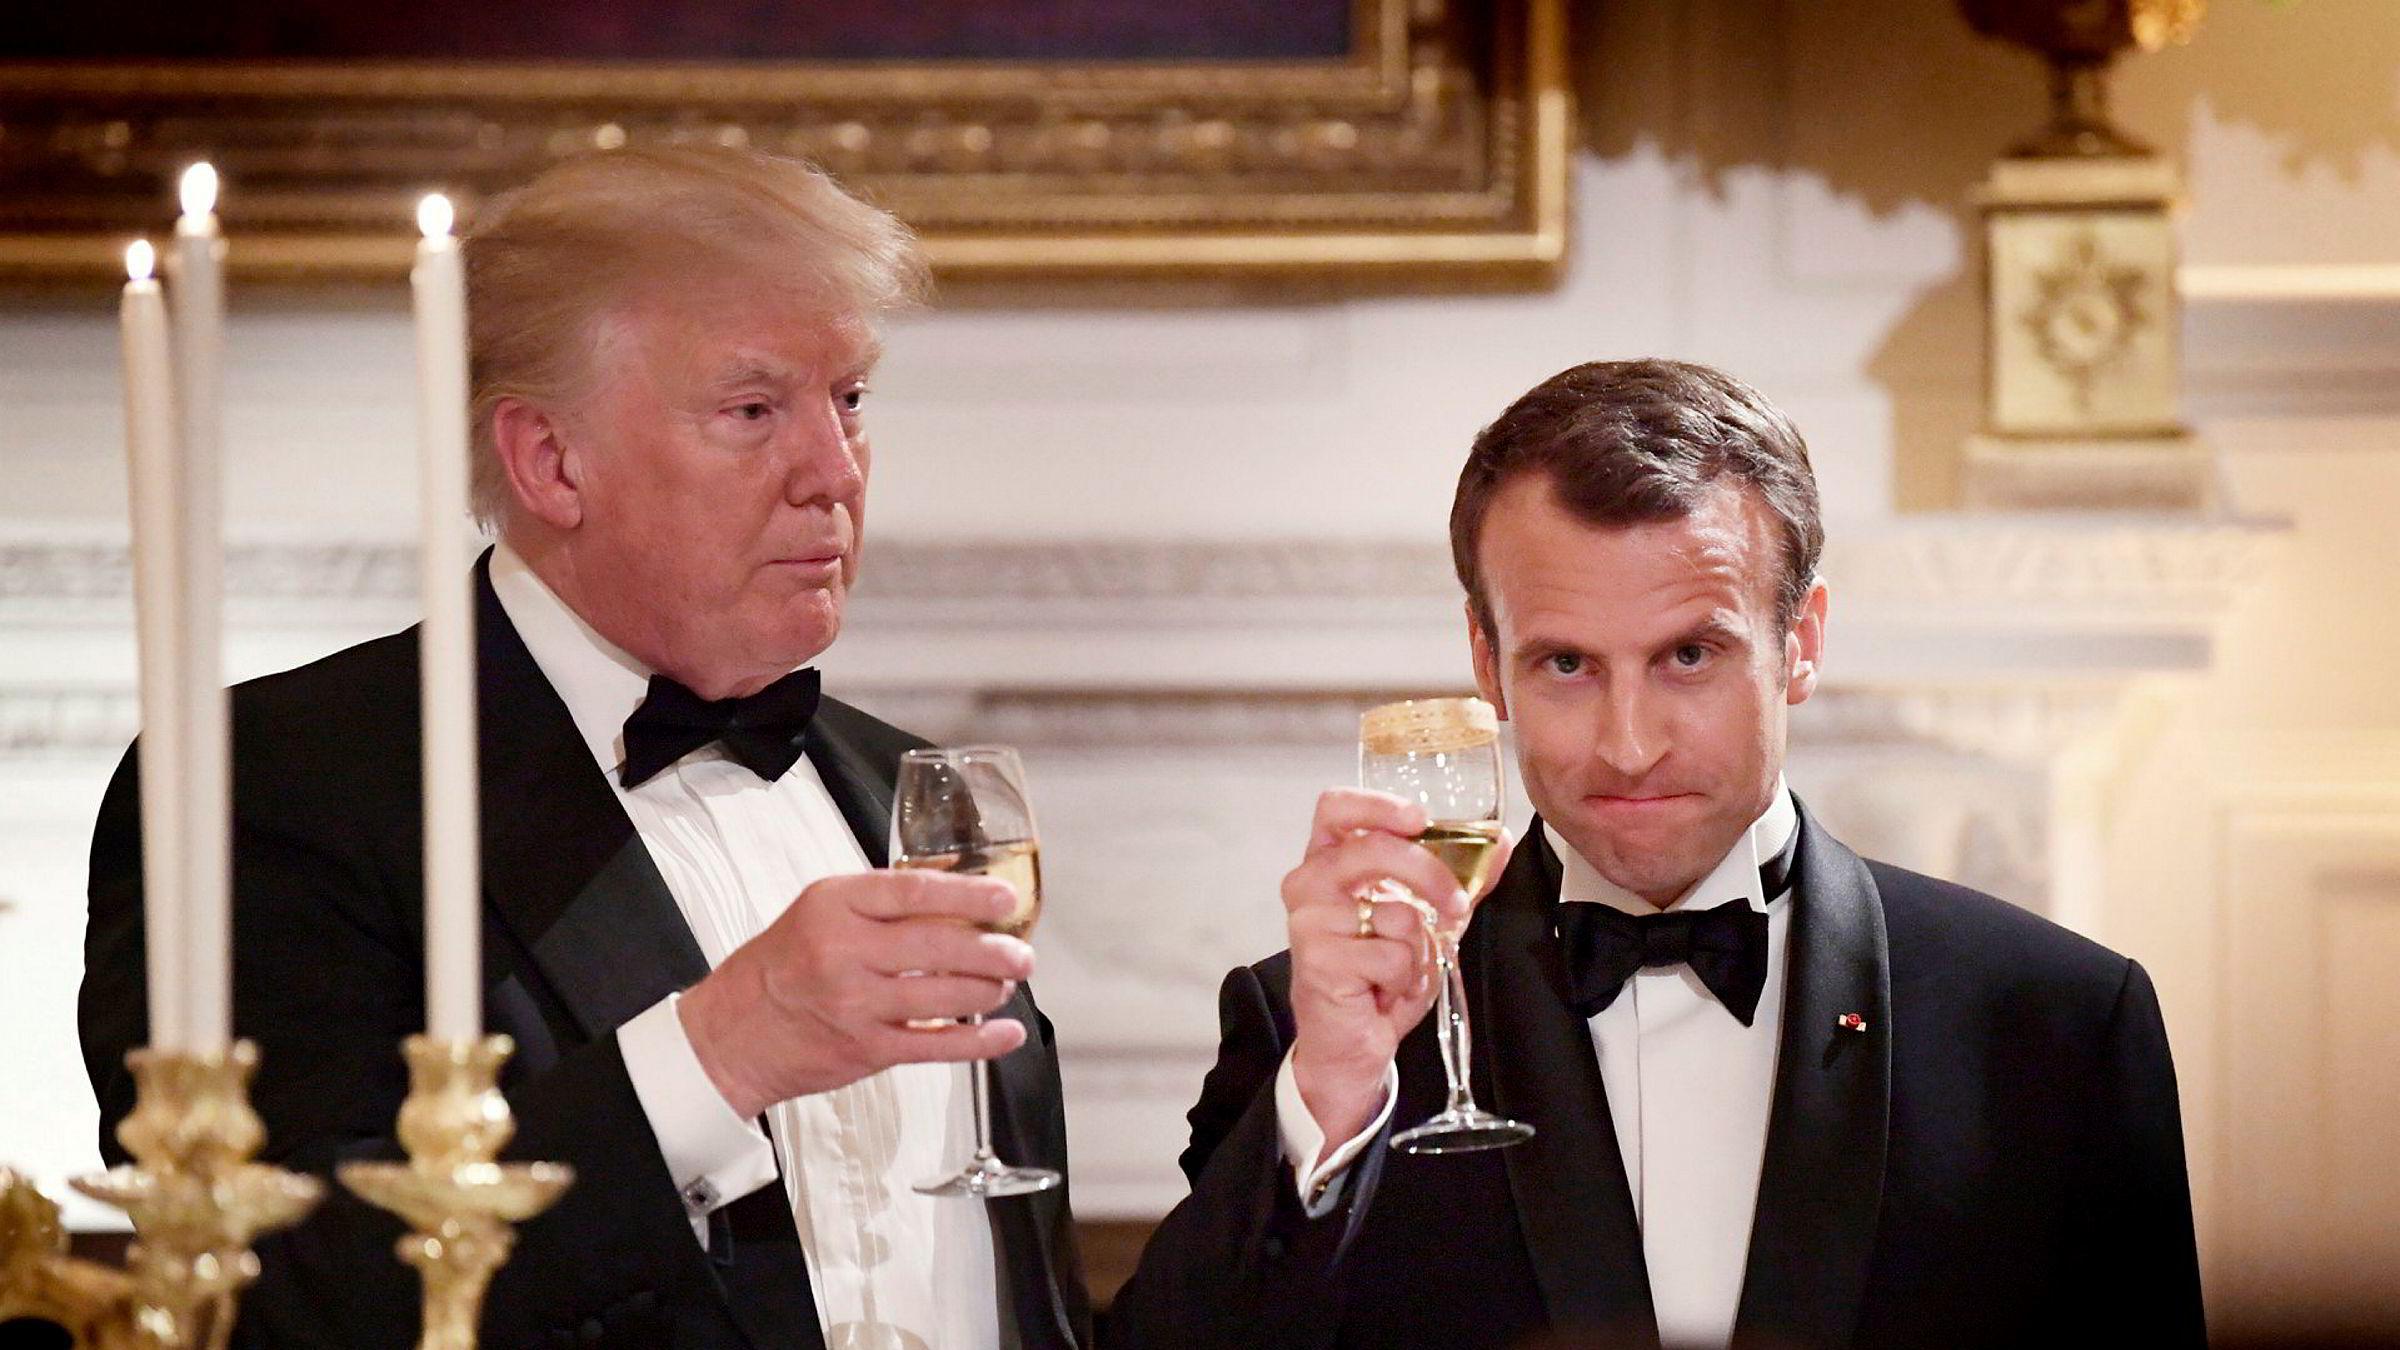 President Donald Trump og Frankrikes president Emmanuel Macron skåler under en middag i Det hvite hus i Washington i april i fjor.